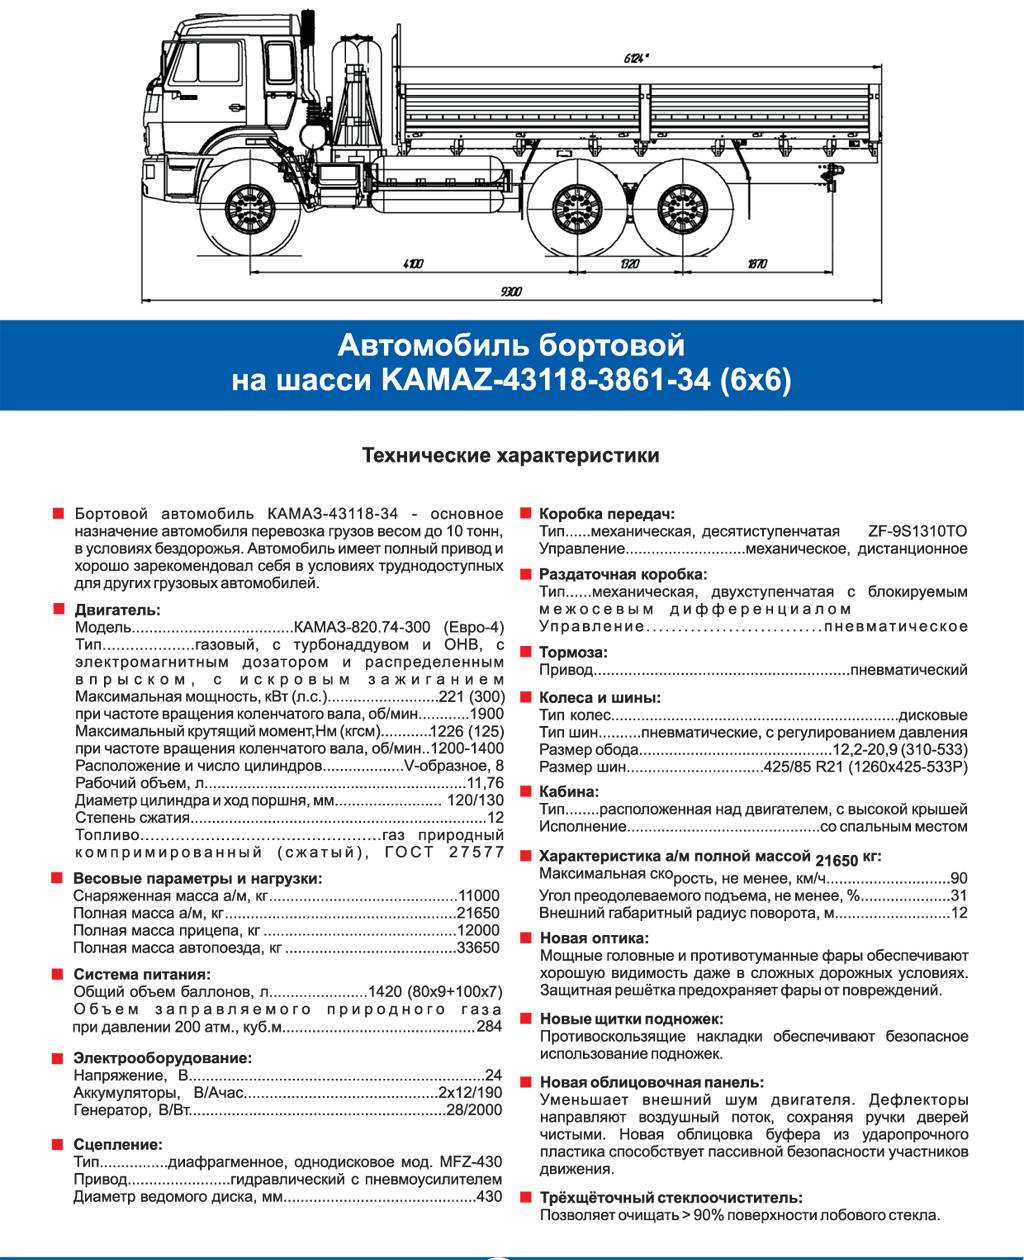 Камаз 53212: технические характеристики, расход топлива, фото